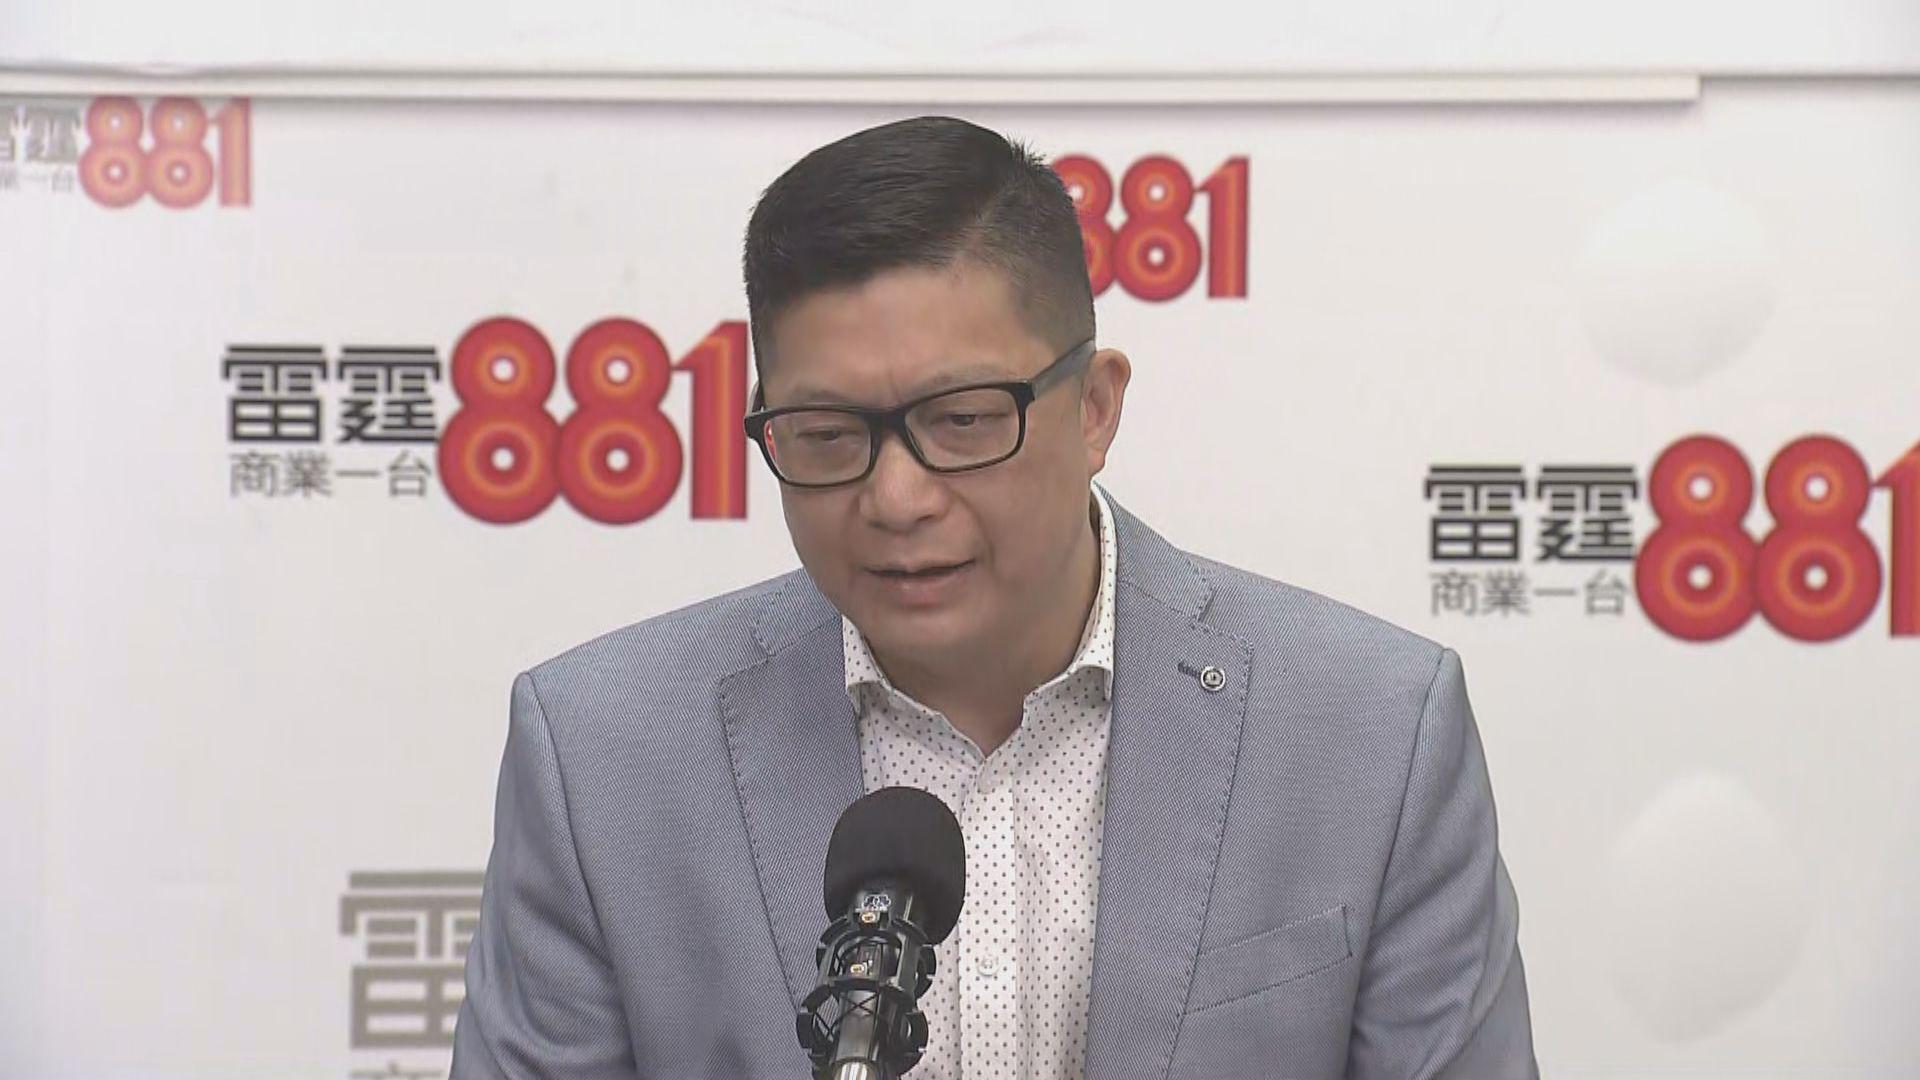 鄧炳強:警方受致命攻擊才施放催淚彈